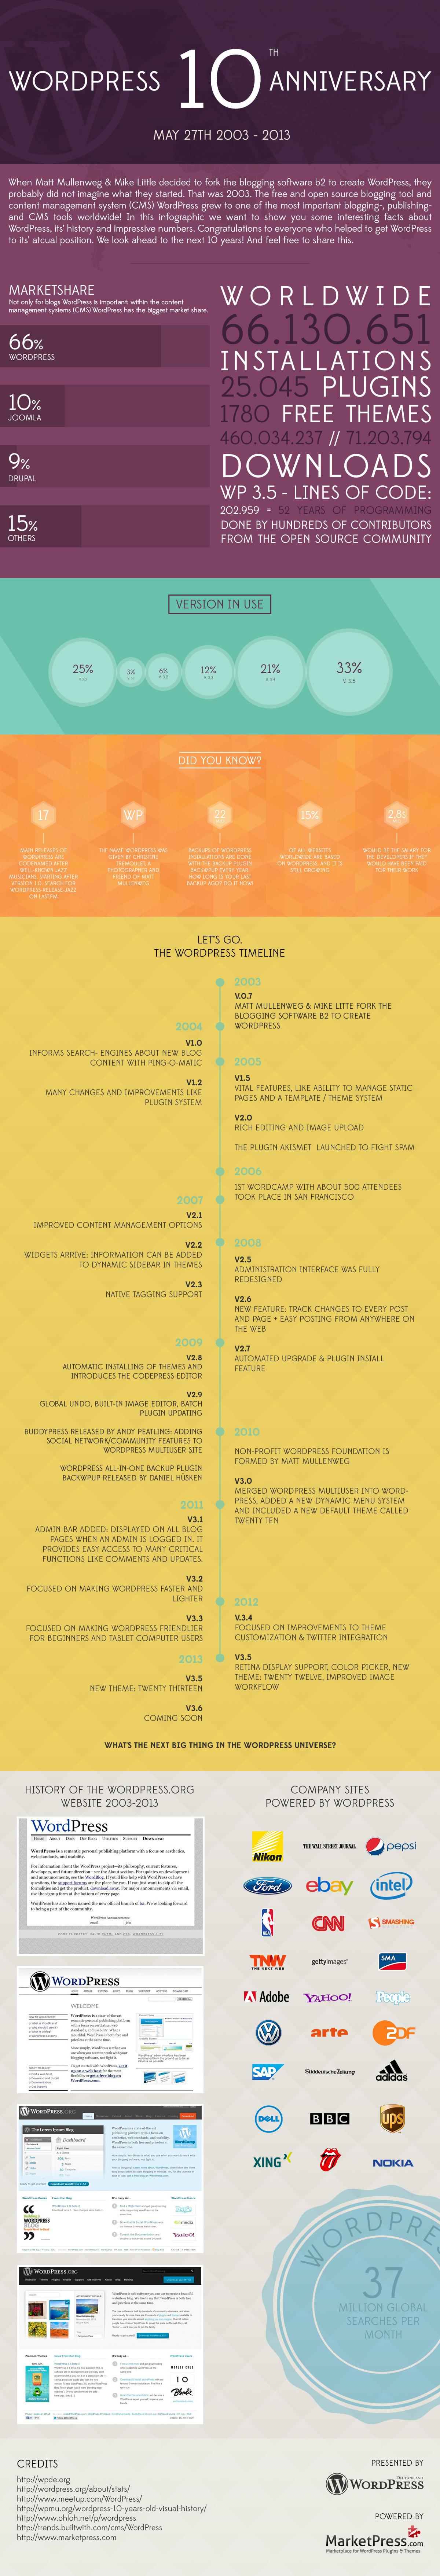 wordpress-anniversary-infographic